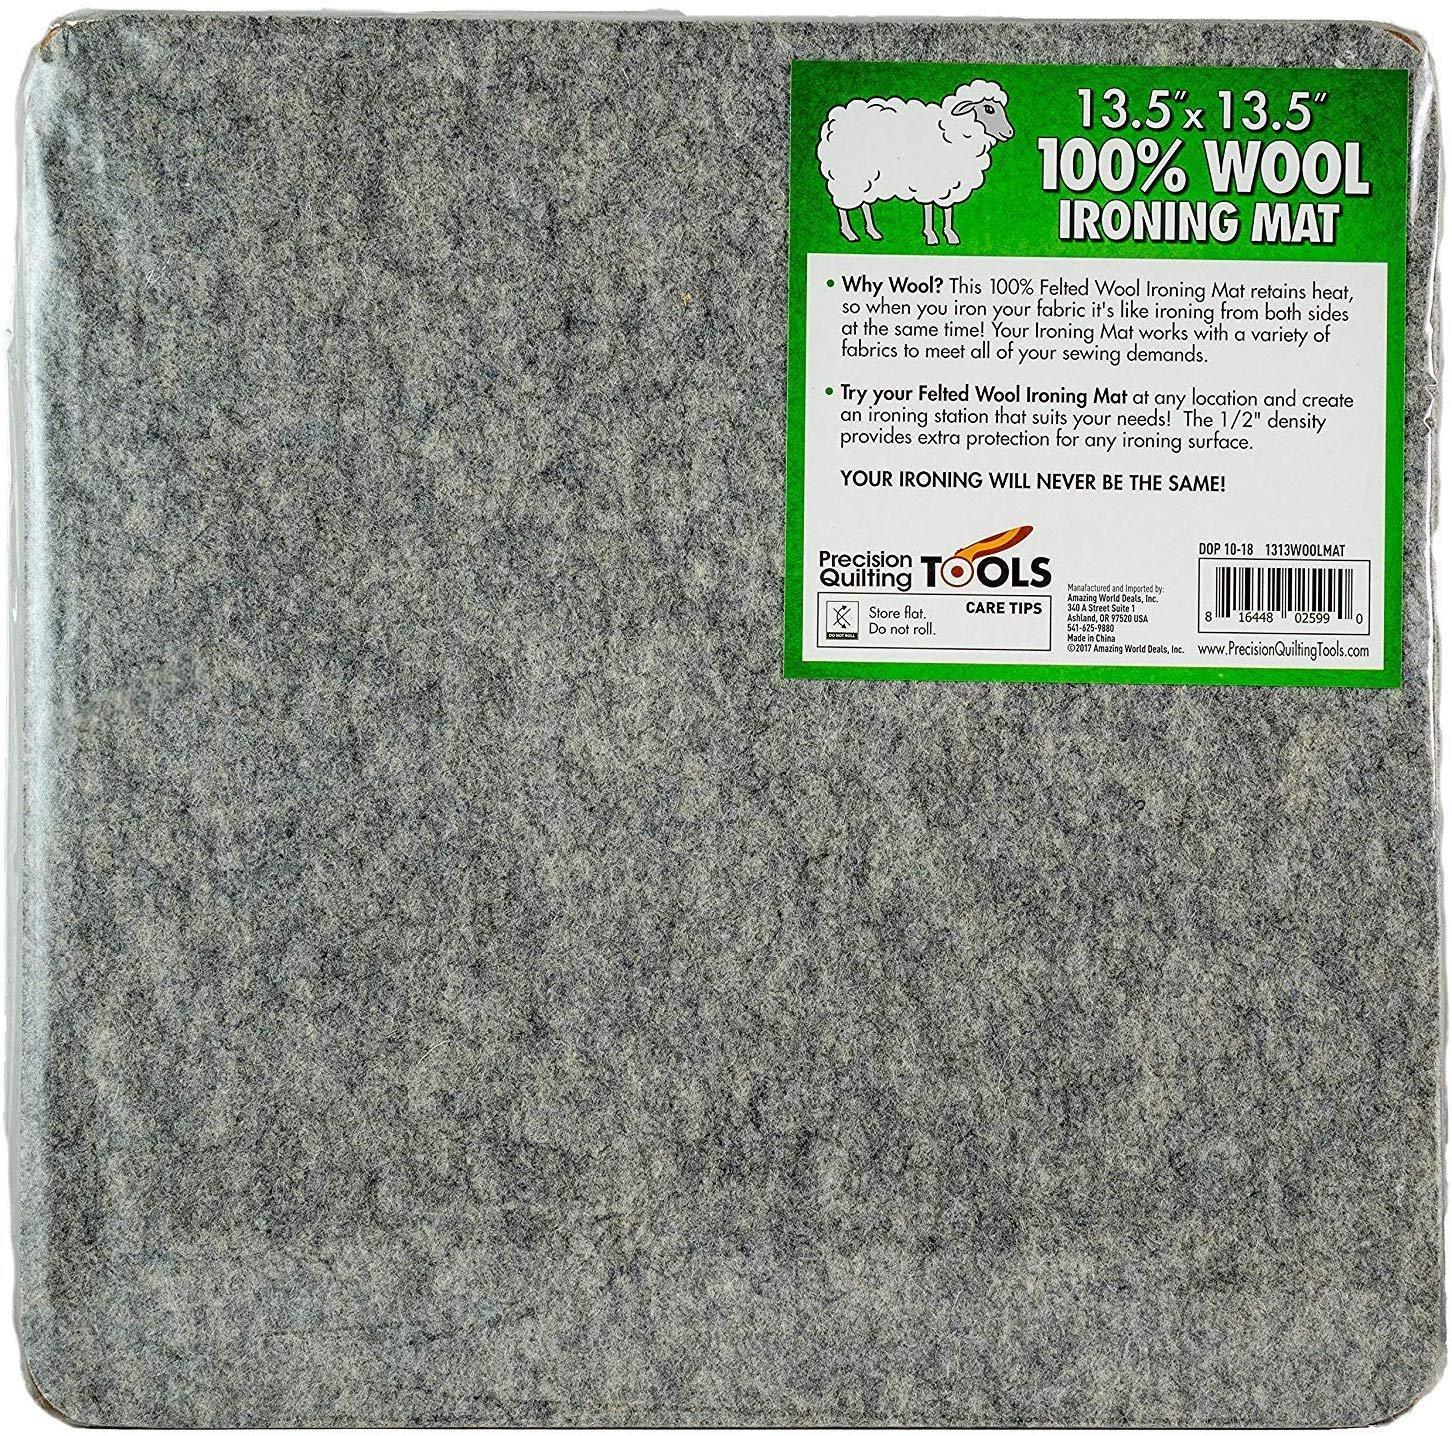 Wool Ironing Mat 13.5 x 13.5